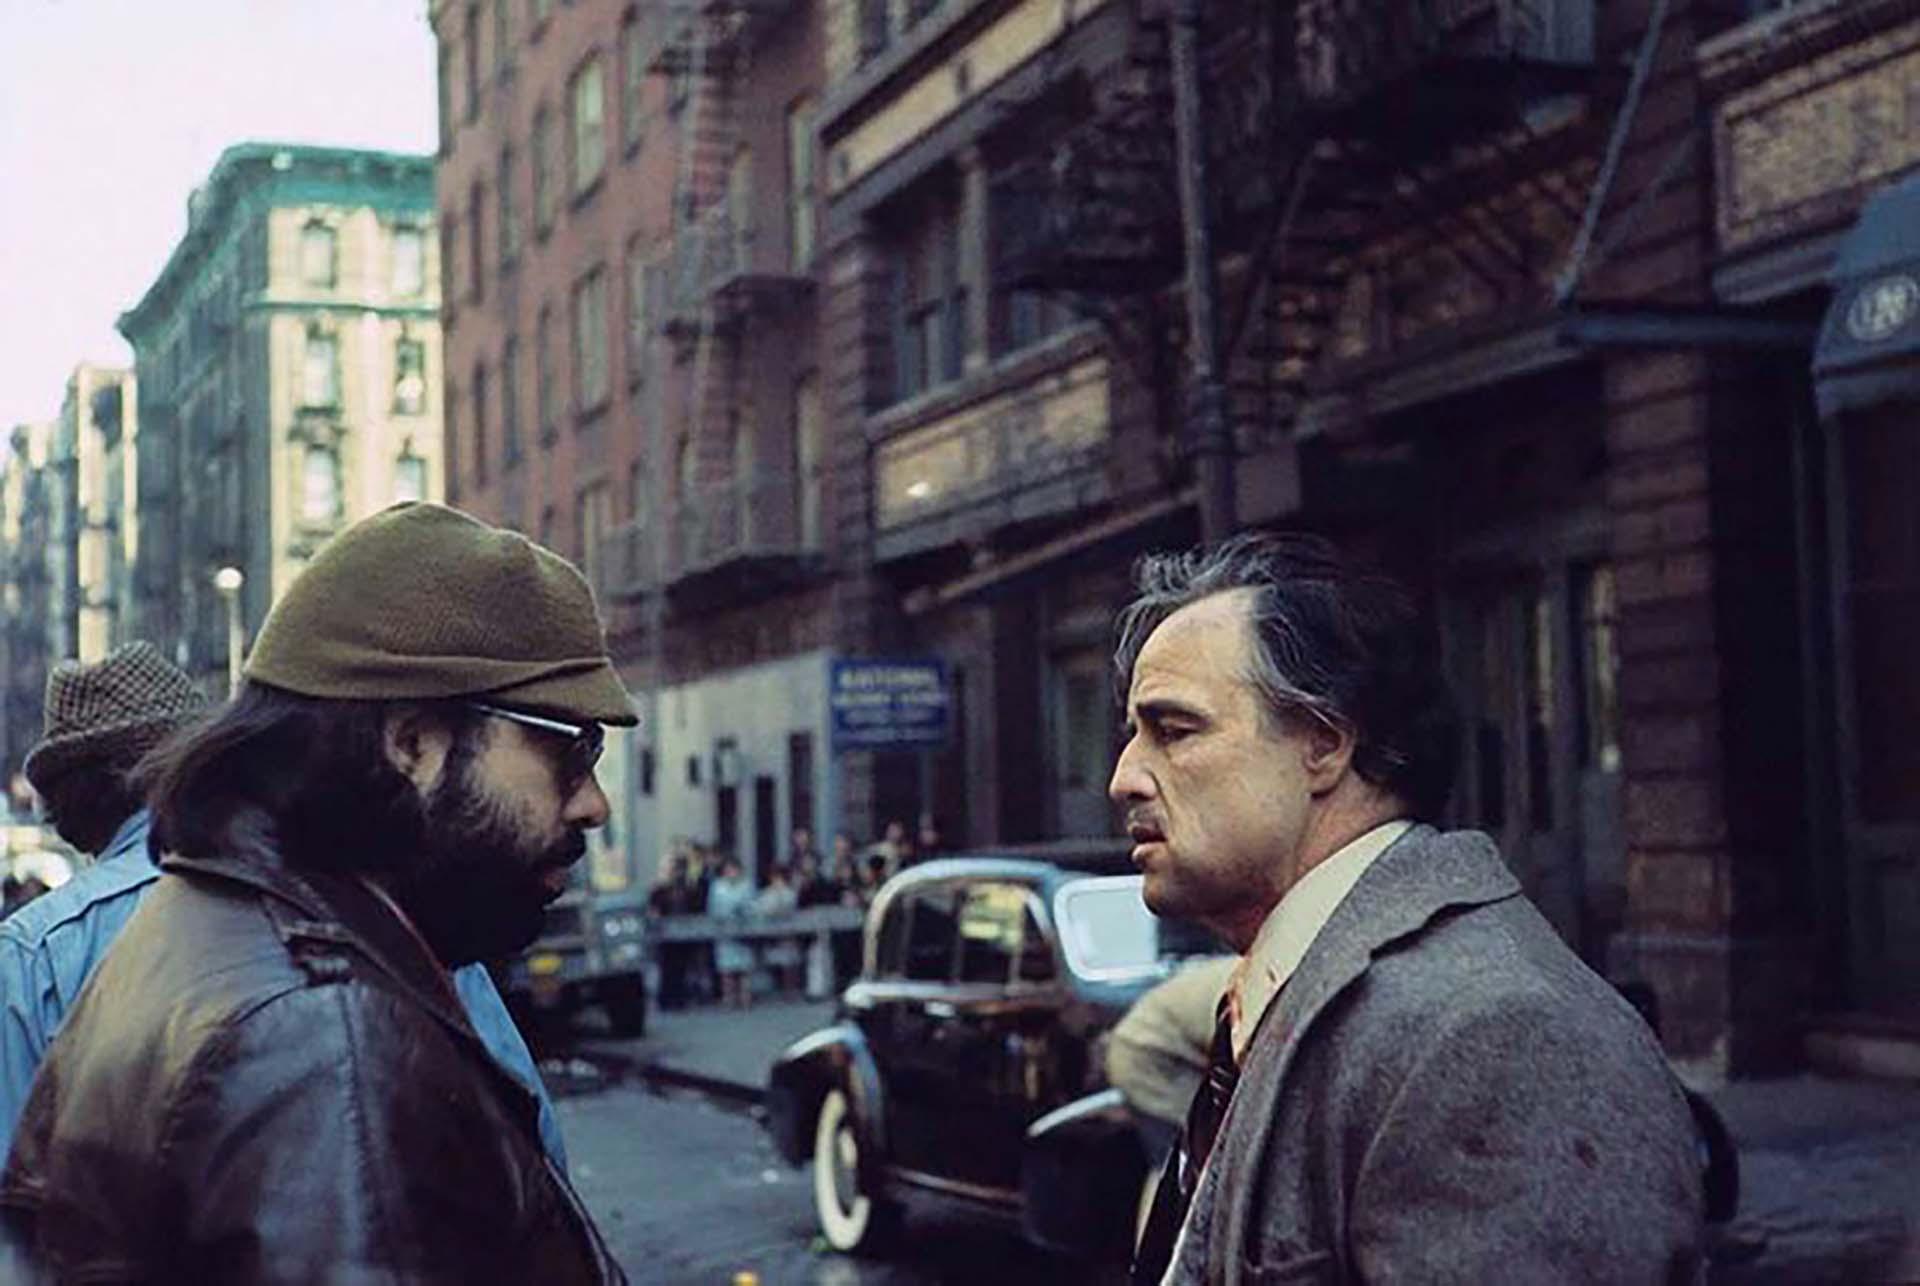 Marlon Brando consiguió el rol gracias al cineasta. En el estudio Paramount querían que Vito Corleone sea Laurence Olivier, pero Coppola convenció a todos para que él sea el protagonista de la película